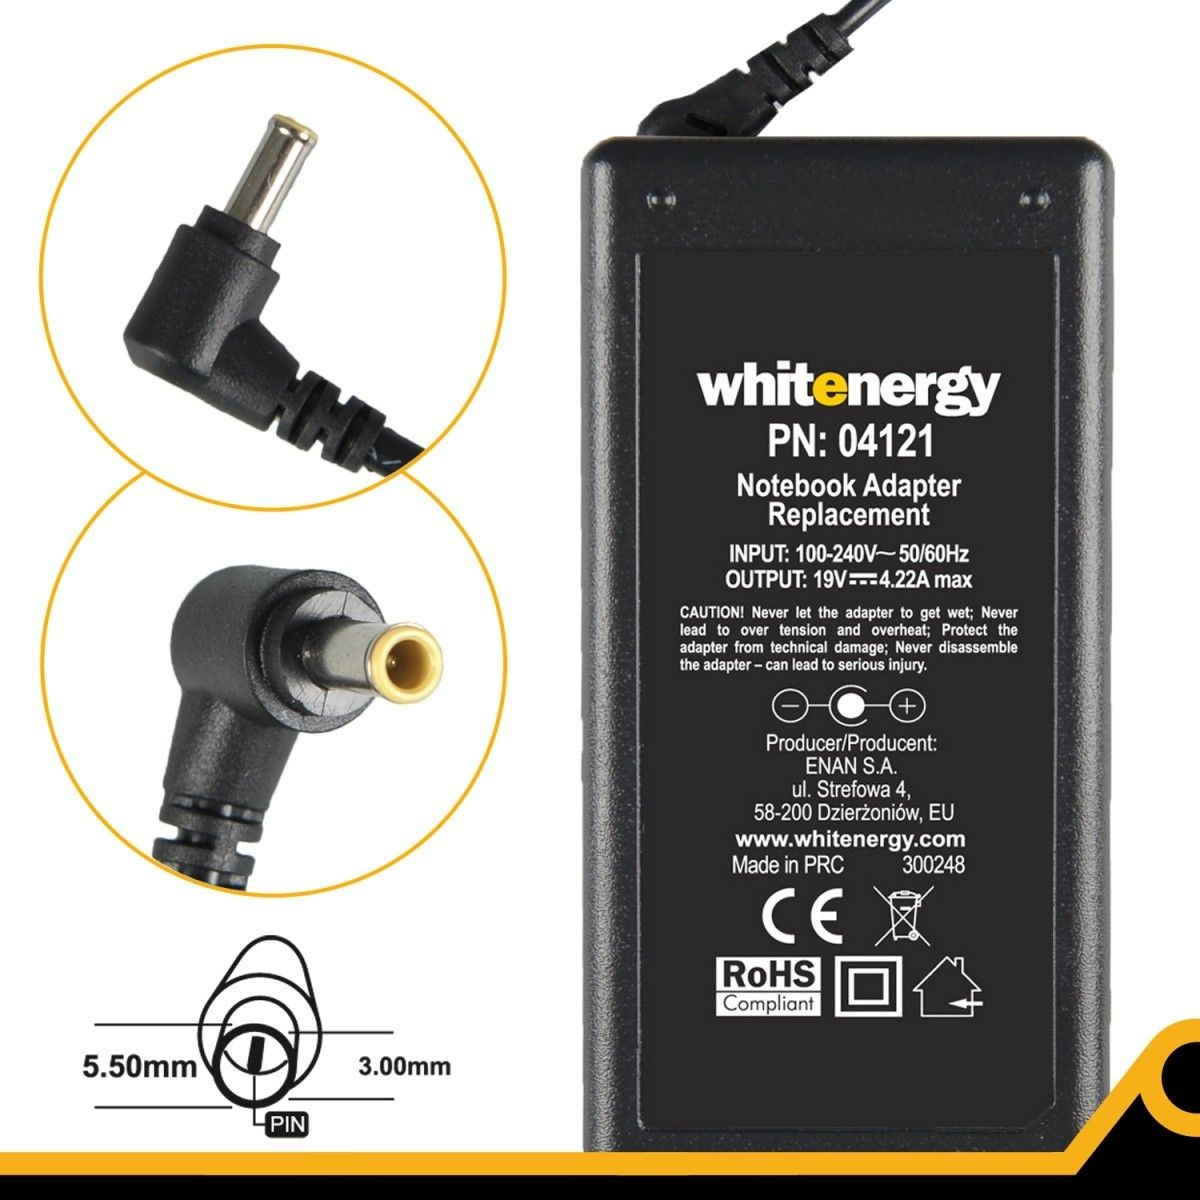 Whitenergy zasilacz 19V/4.22A 80W wtyczka 5.5x3.0mm + pin Samsung